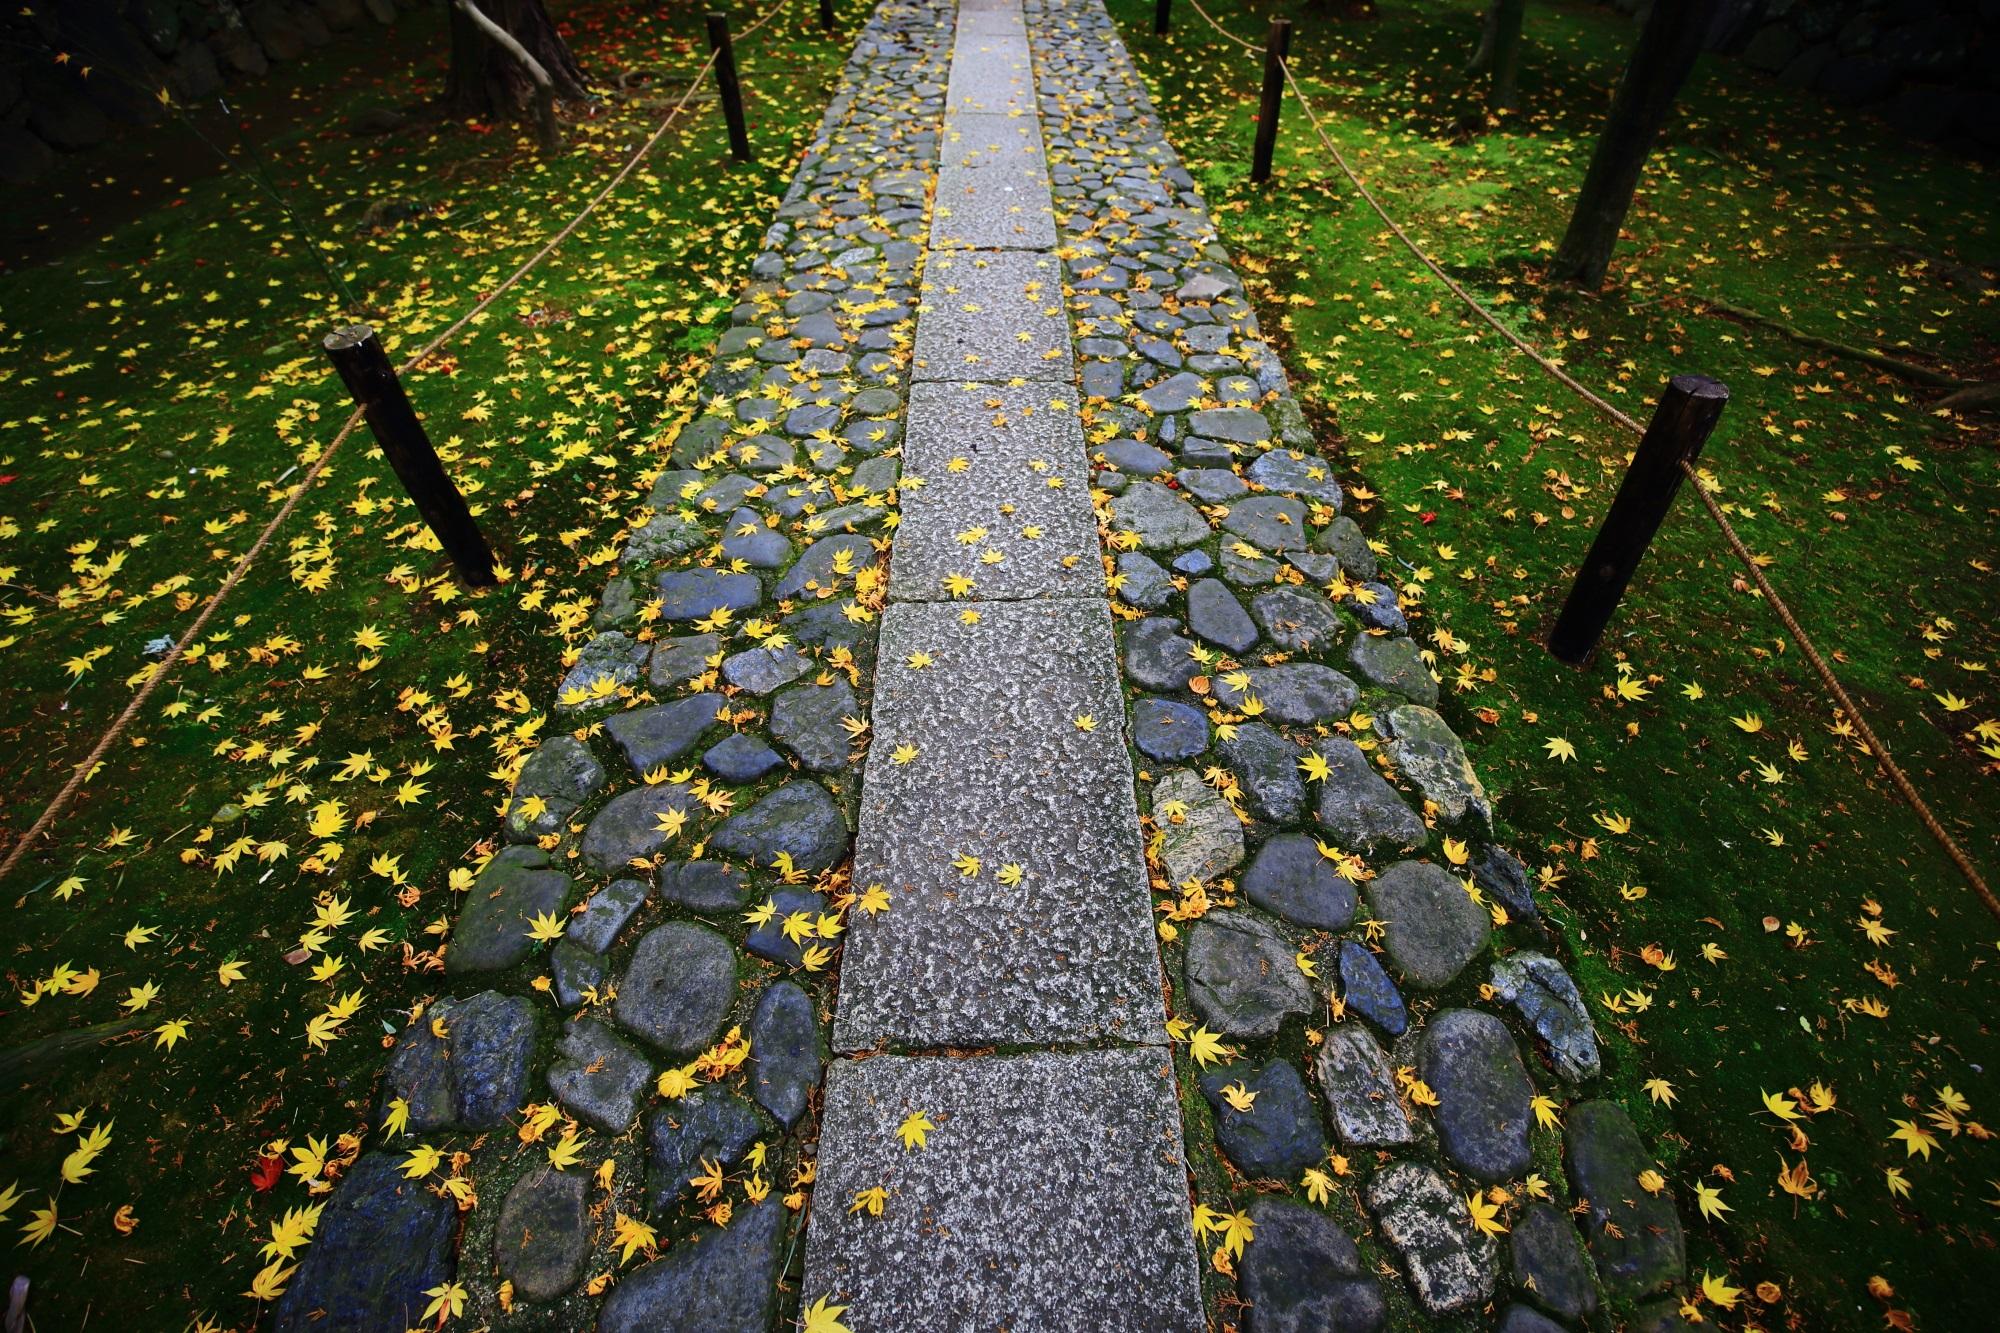 嵐山の鹿王院の参道の見事な黄色い散りもみじ